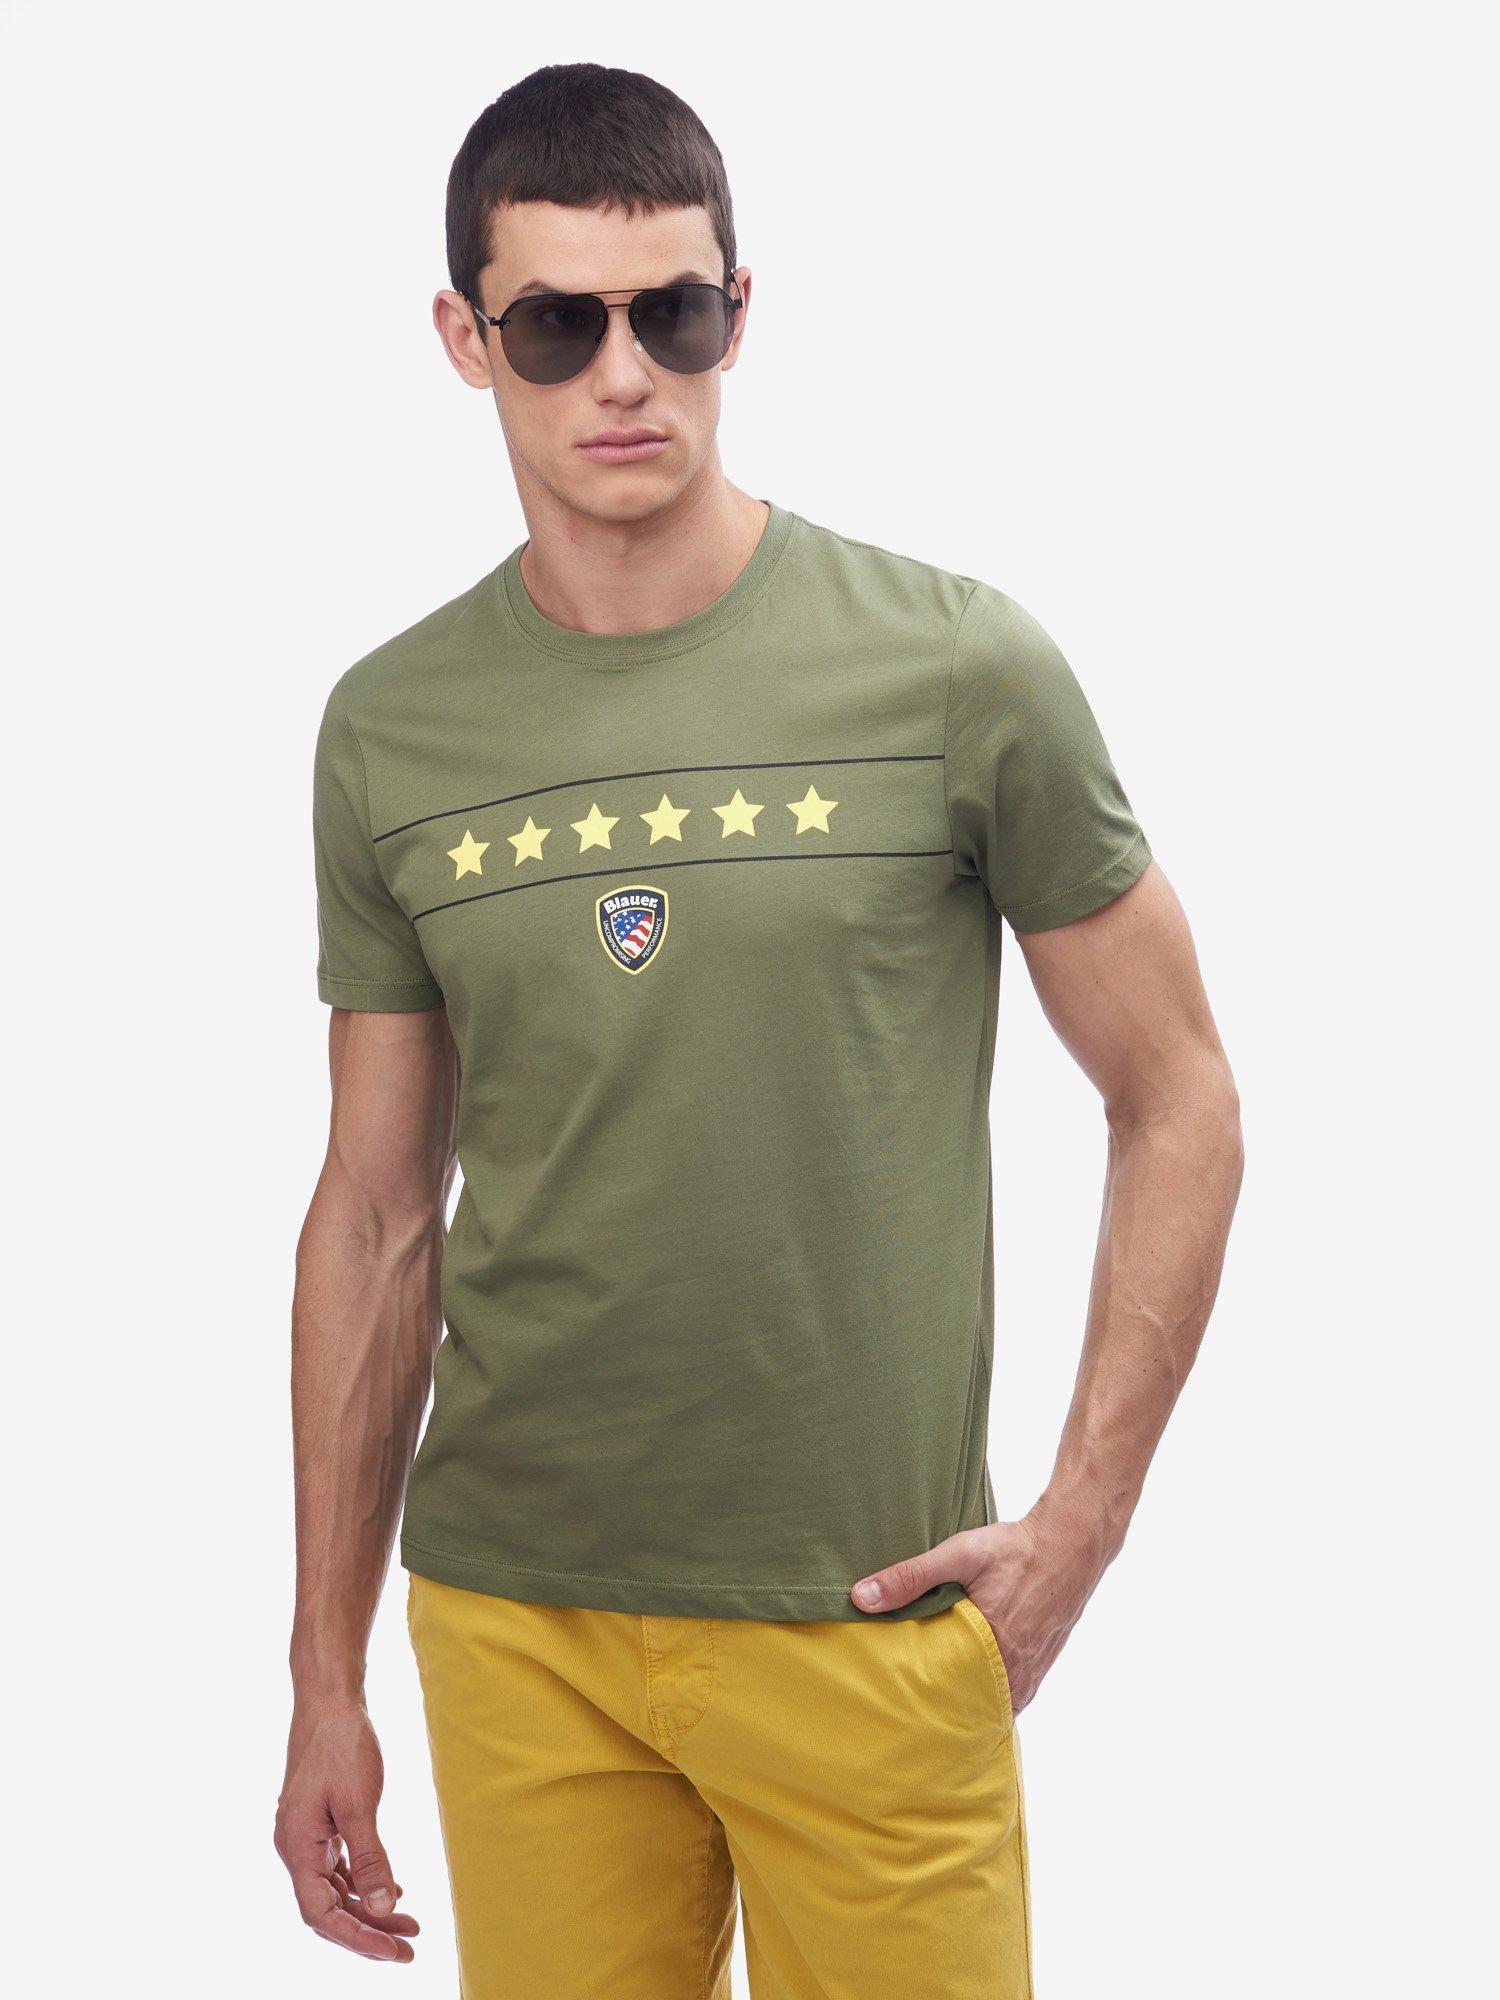 Blauer - SIX STARS T-SHIRT - Olive Green - Blauer